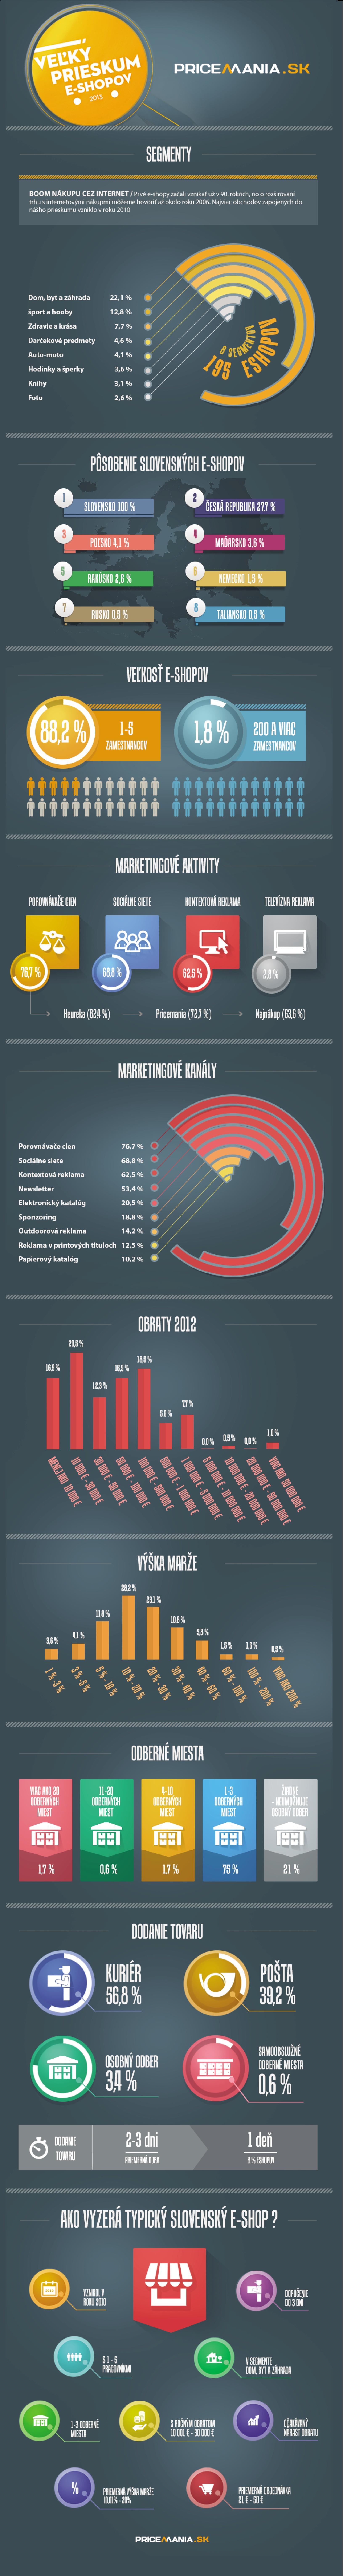 Infografika s výsledkami prieskumu na stiahnutie 0635410077f